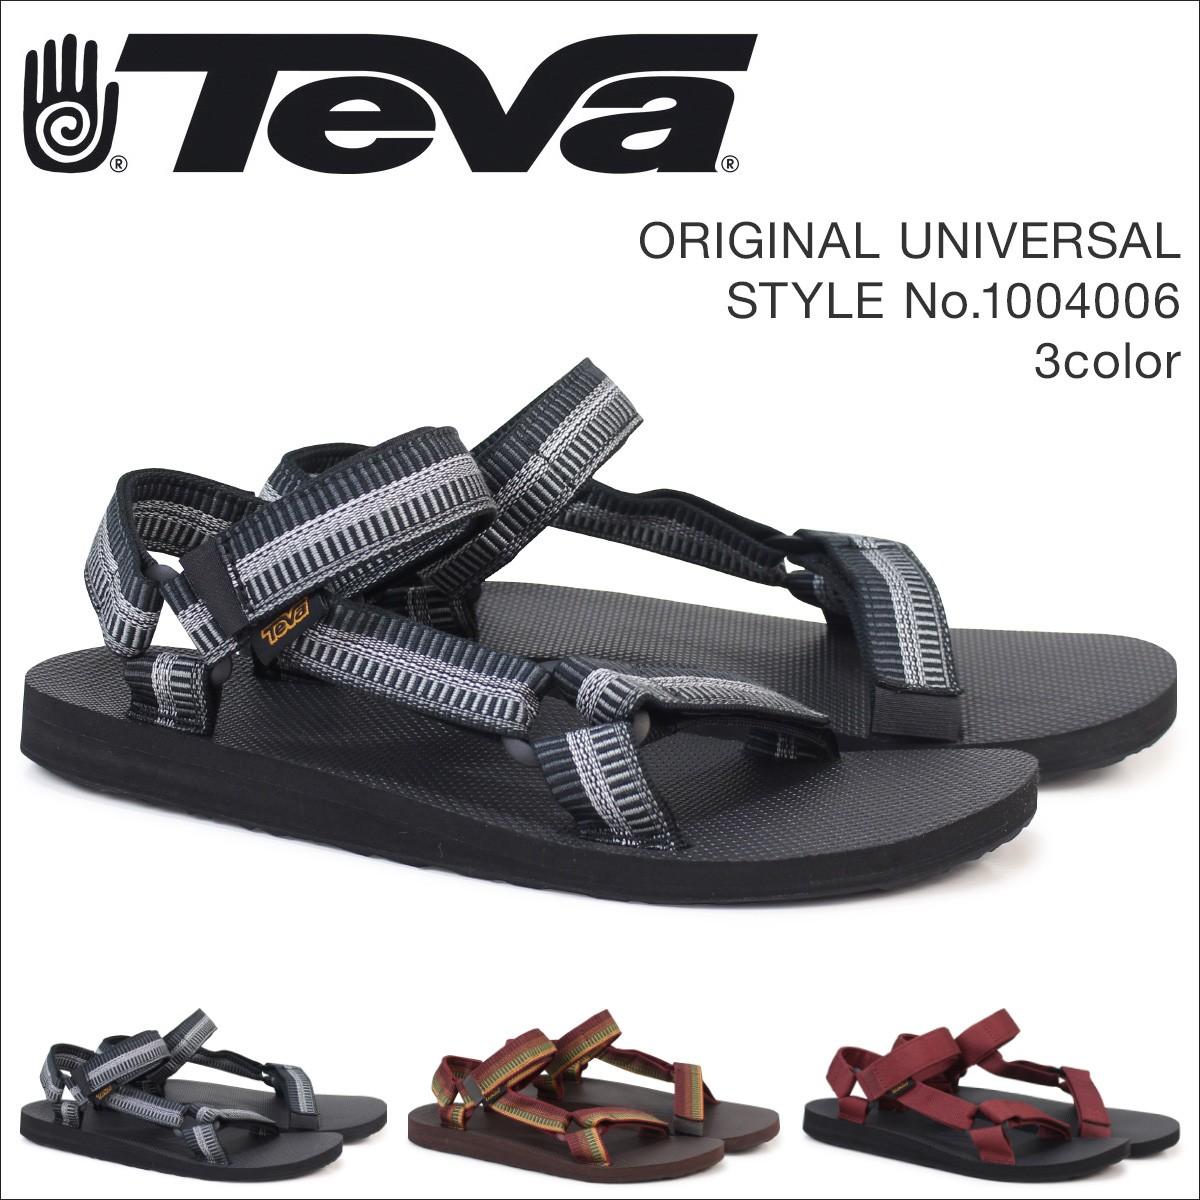 Teva テバ サンダル メンズ オリジナル ユニバーサル ORIGINAL UNIVERSAL MENS 1004006